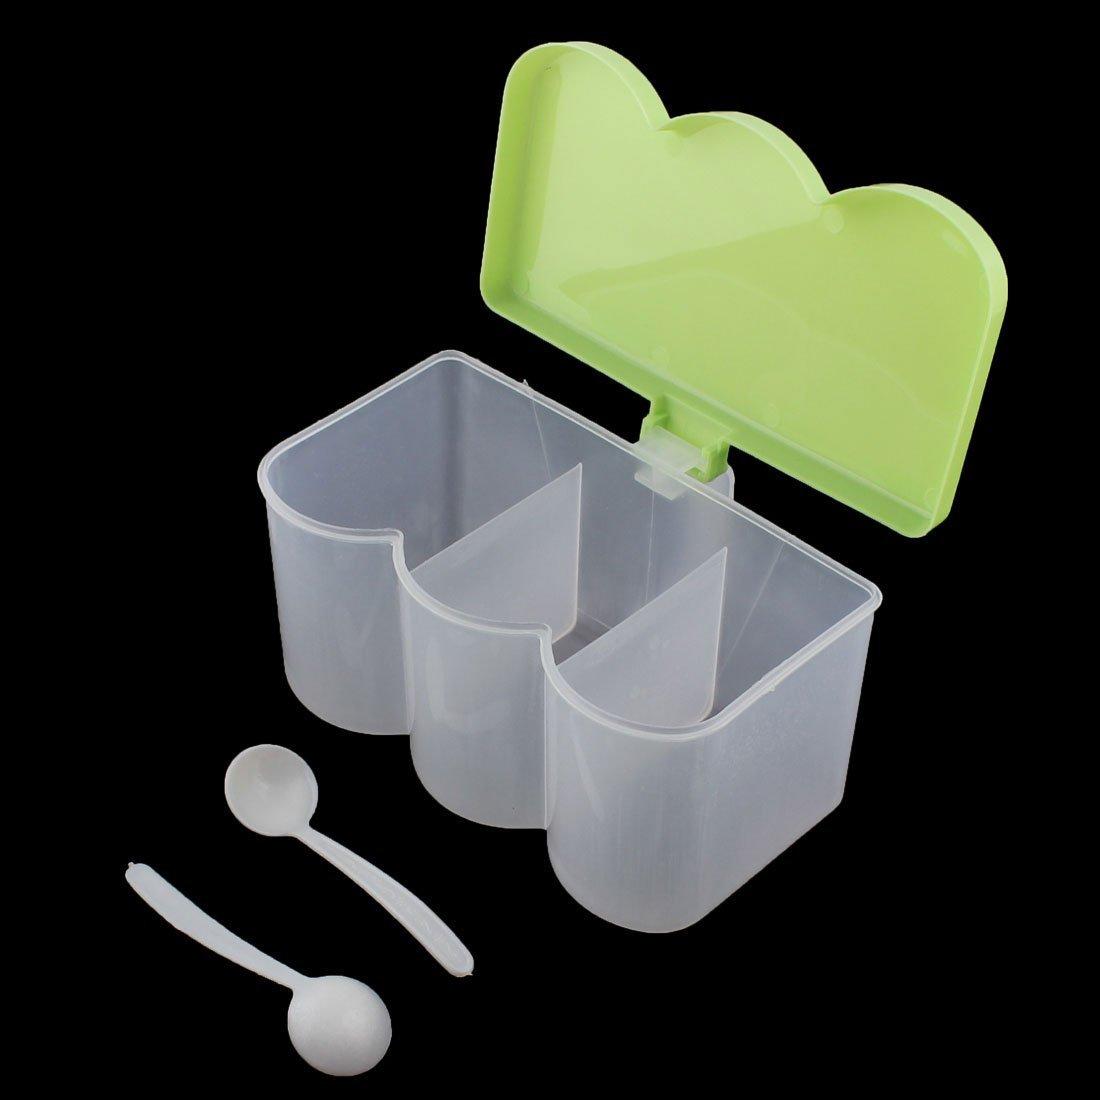 Amazon.com | Titular dispensador eDealMax plástico de cocina 3 Componentes Especias contenedor caja del condimento verde: Condiment Pots